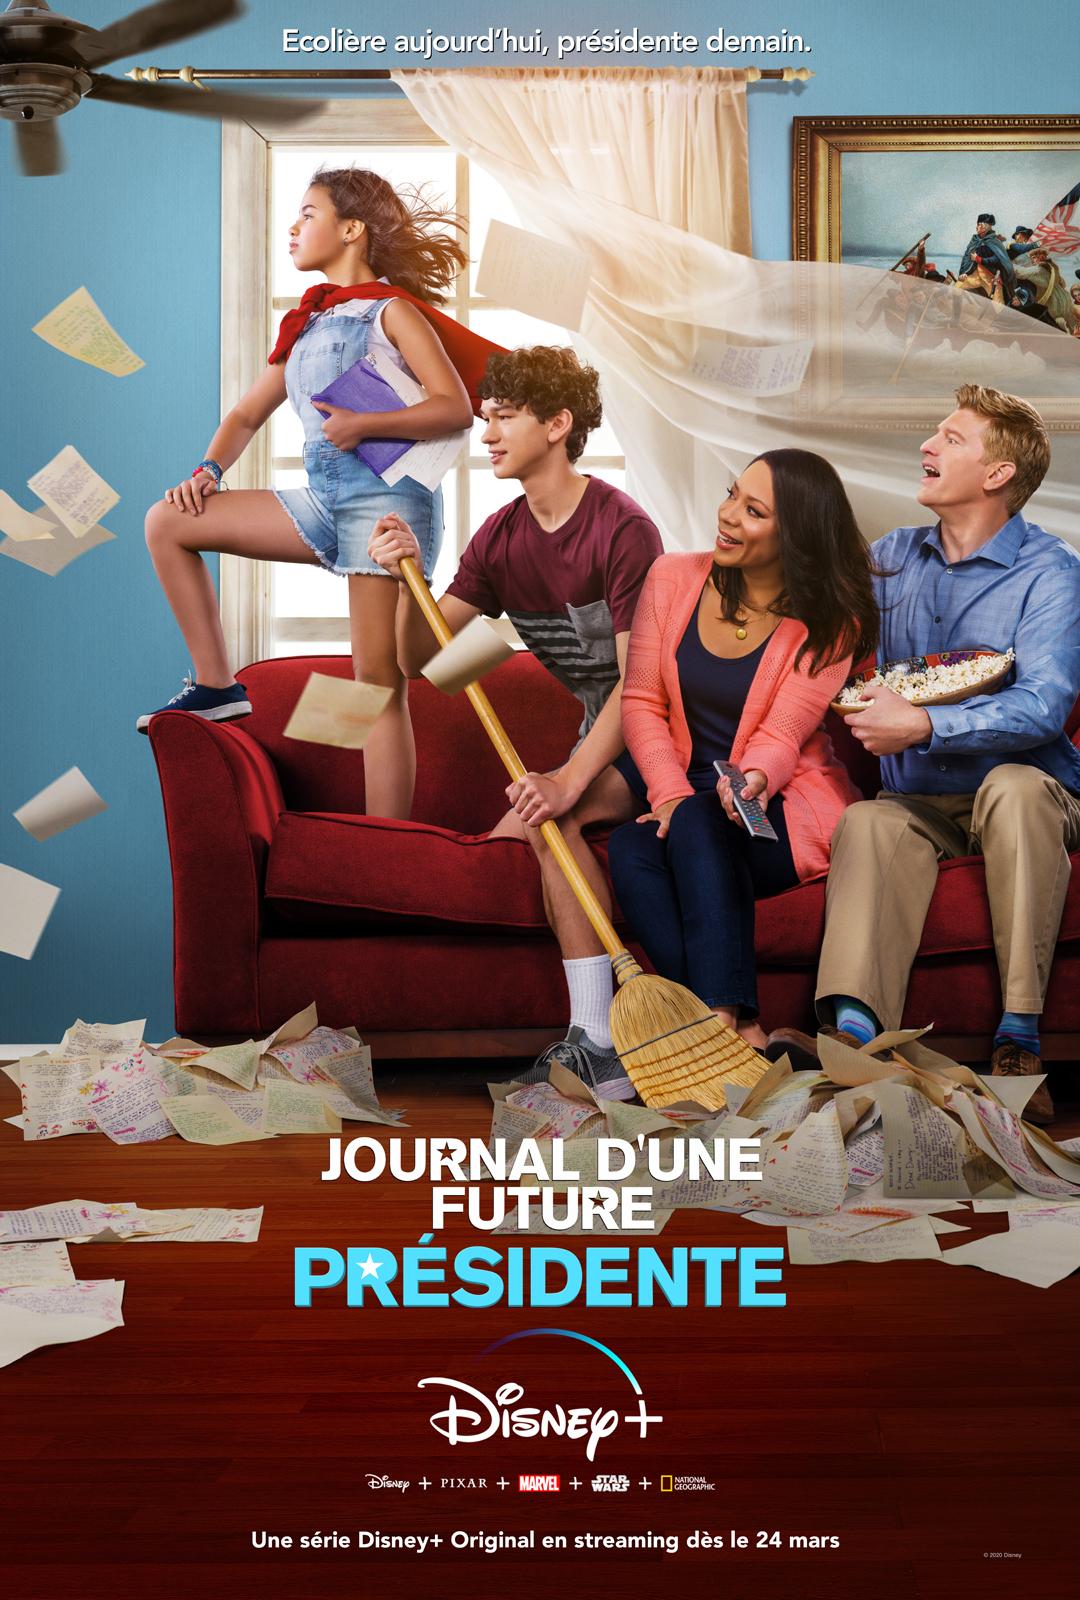 Journal d'une Future Présidente [Disney - 2020] 0937471